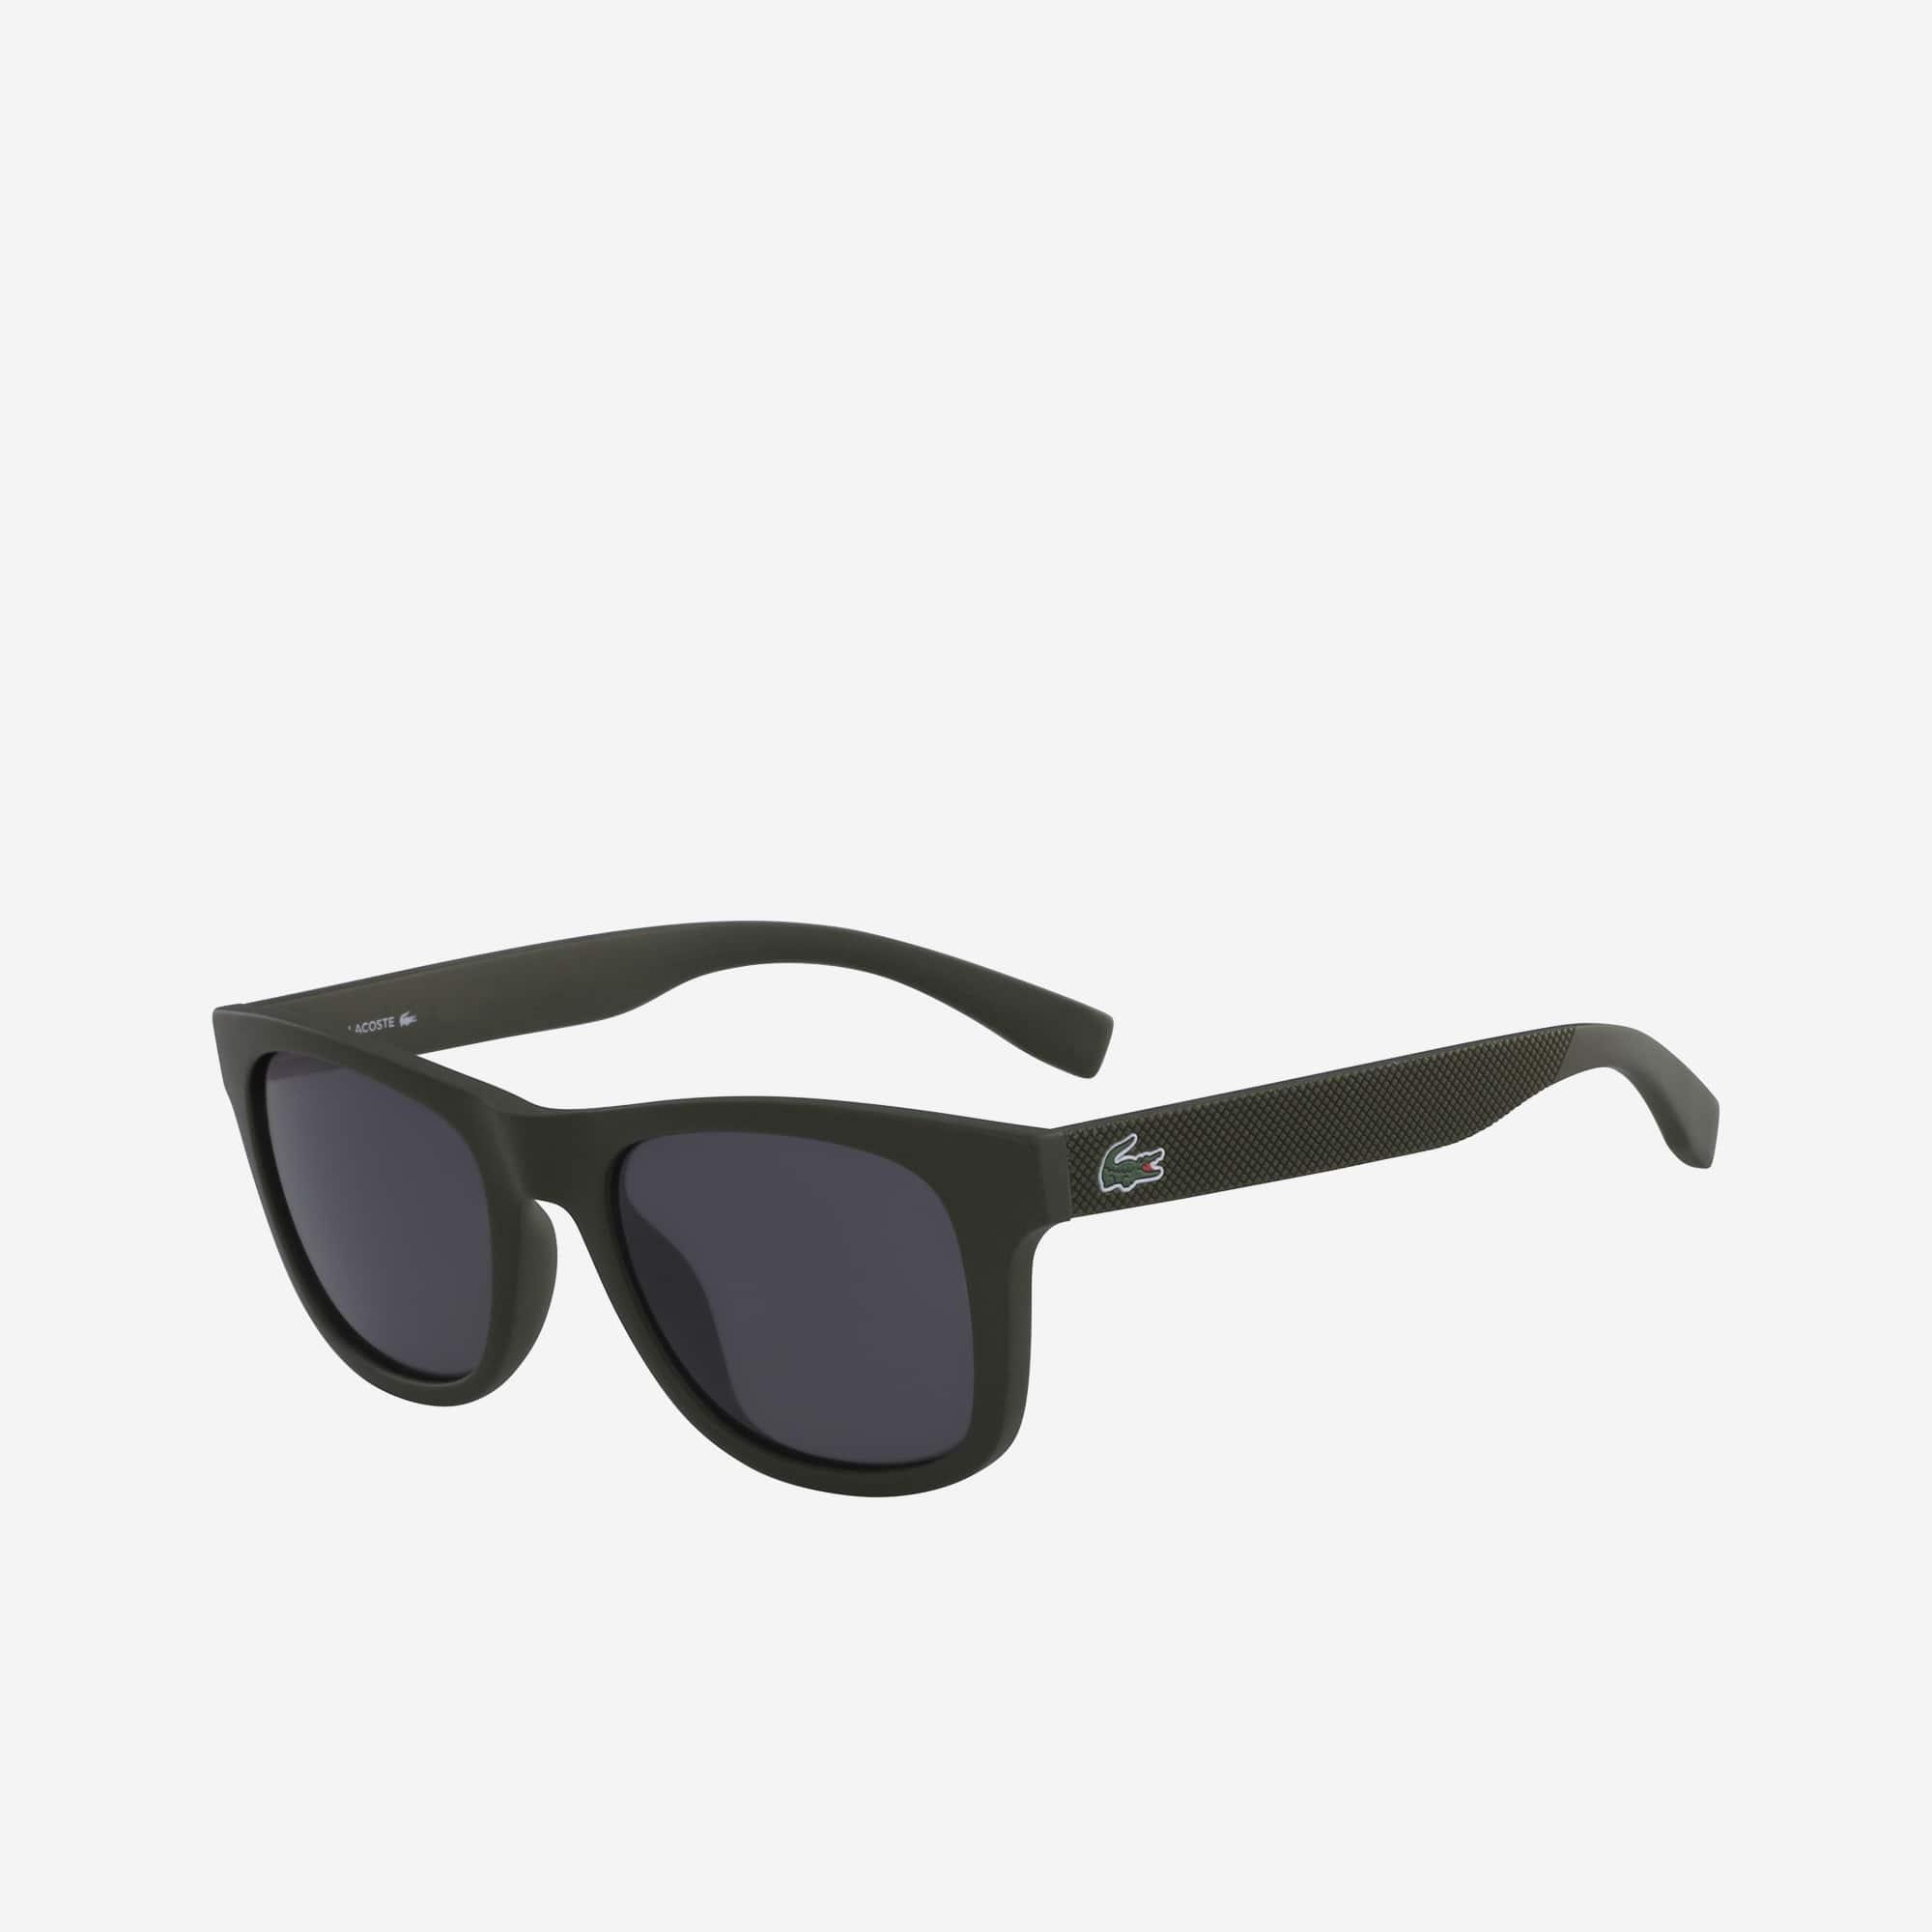 L.12.12 Sunglasses